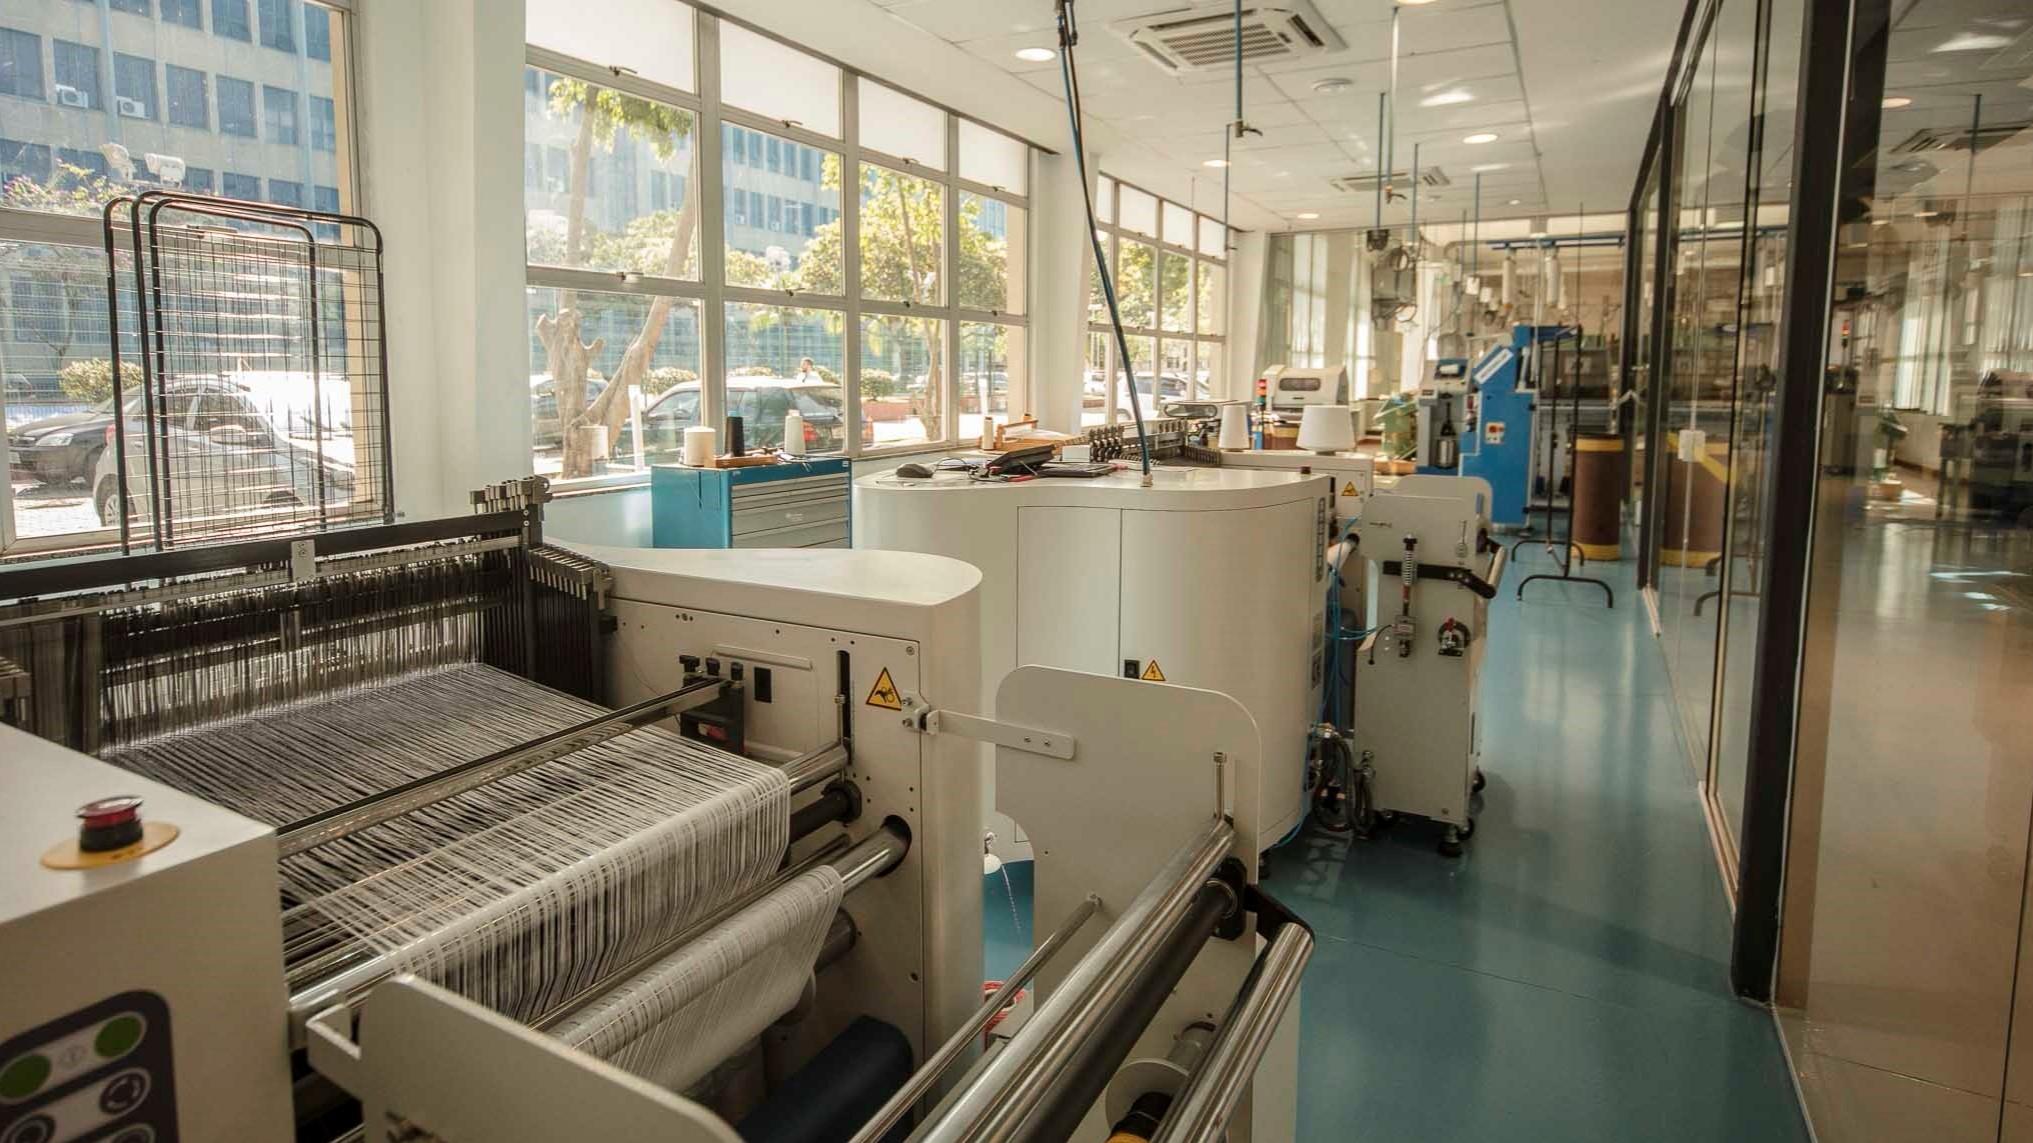 Instituto SENAI de Inovação inicia pesquisas para produzir materiais têxteis resistentes a 1000 ºC